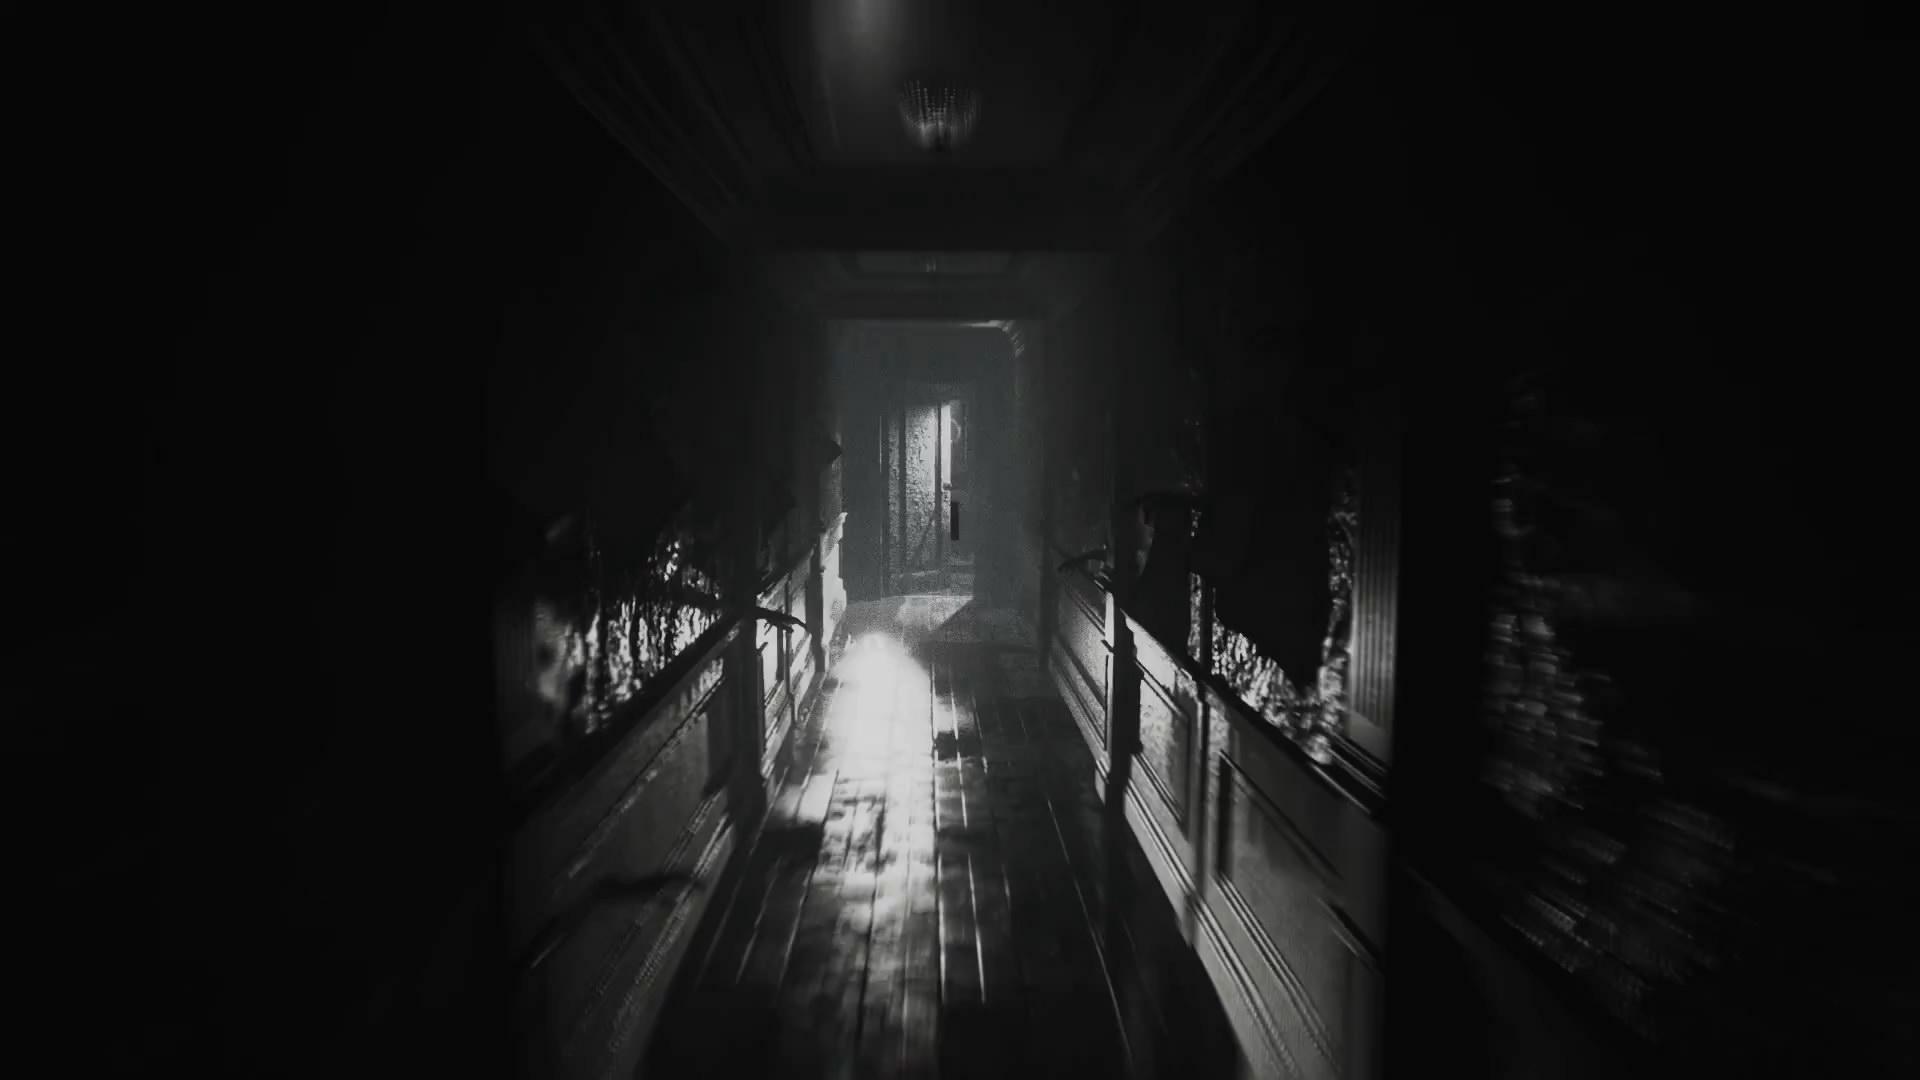 恐怖游戏续作《层层恐惧2》公布 探索人类内心黑暗